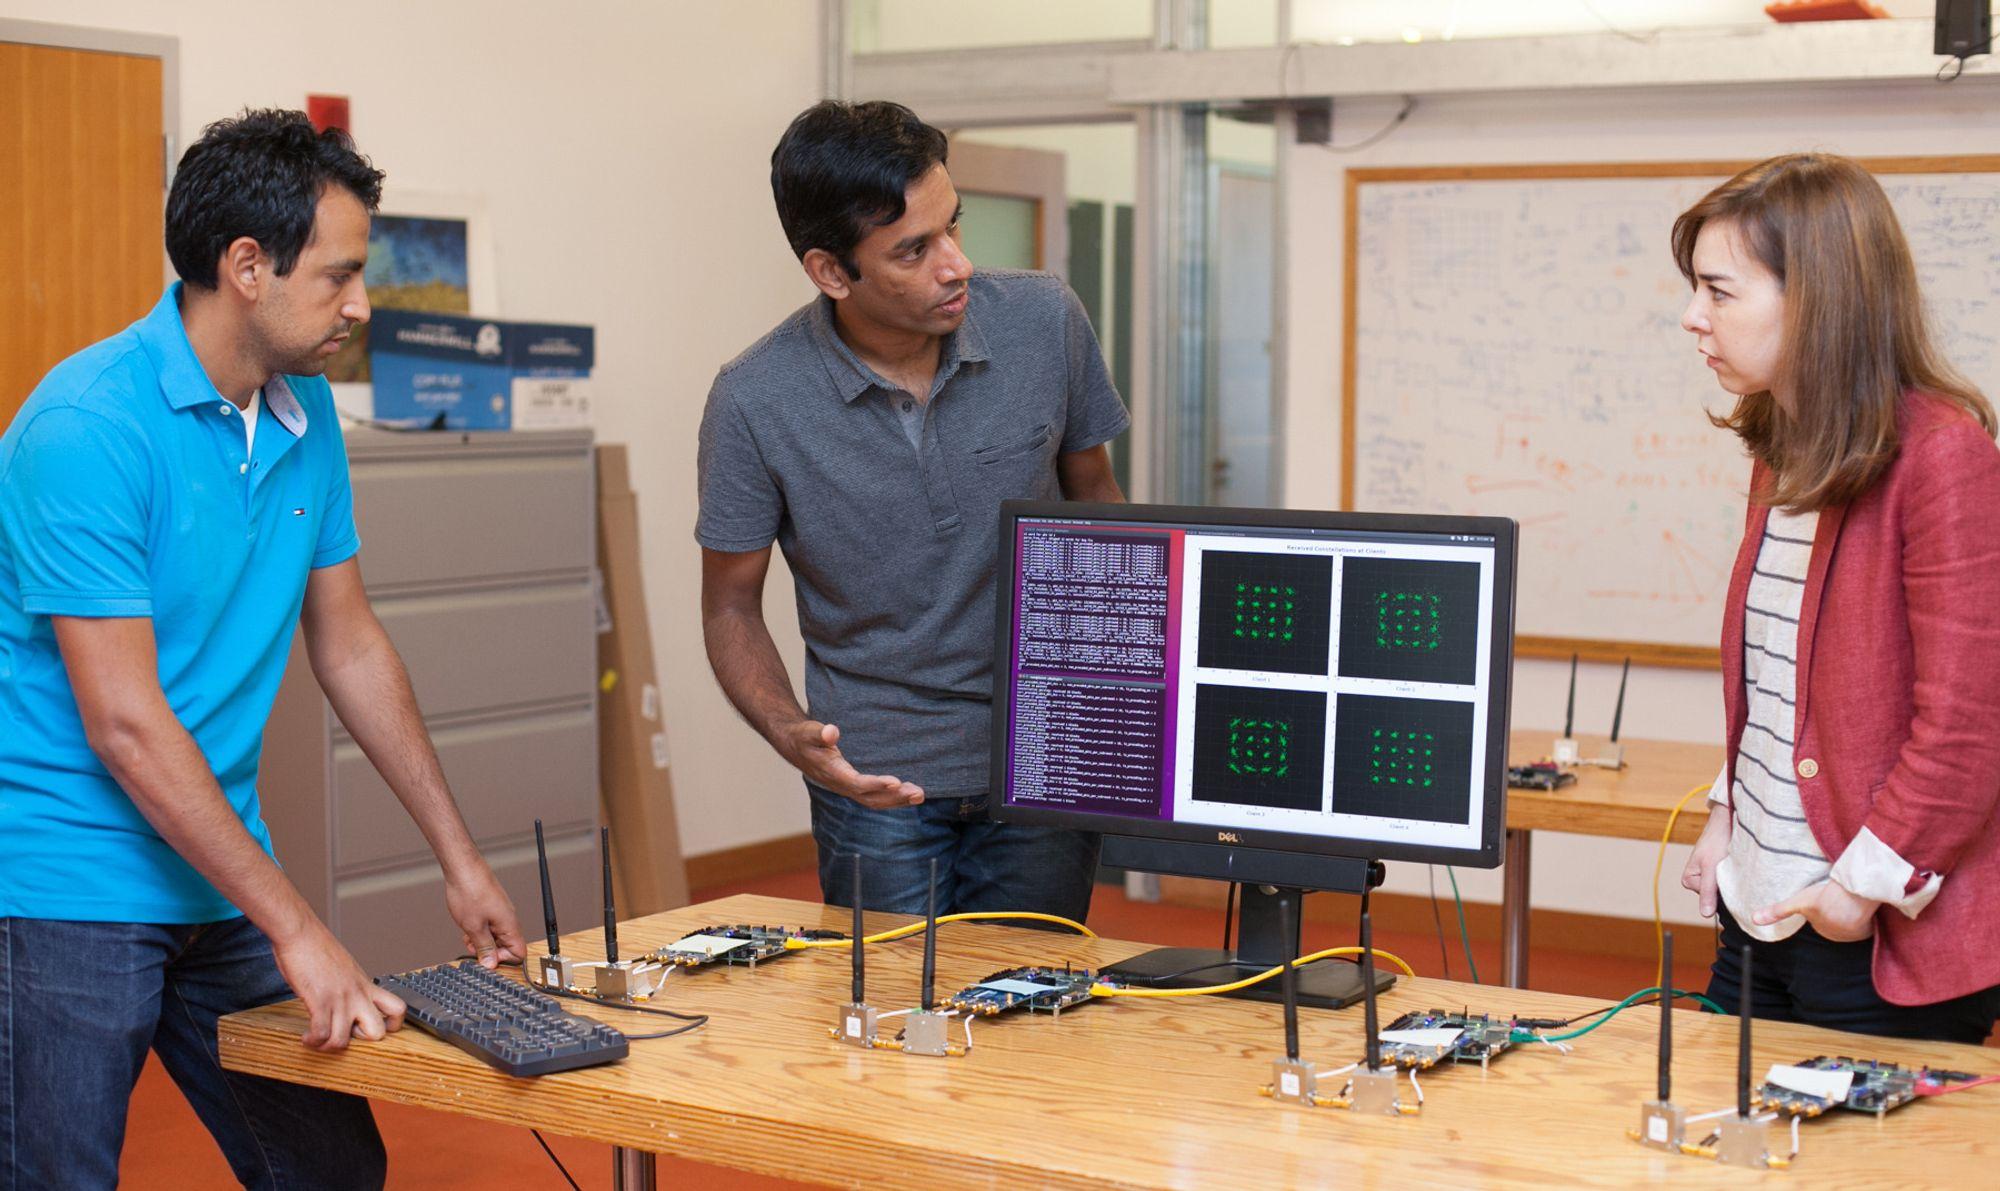 Demonstrasjon av MegaMIMO 2.0. På bildet, fra venstre, står Ezzeldin Hamed, Hariharan Rahul Dina Katabi.